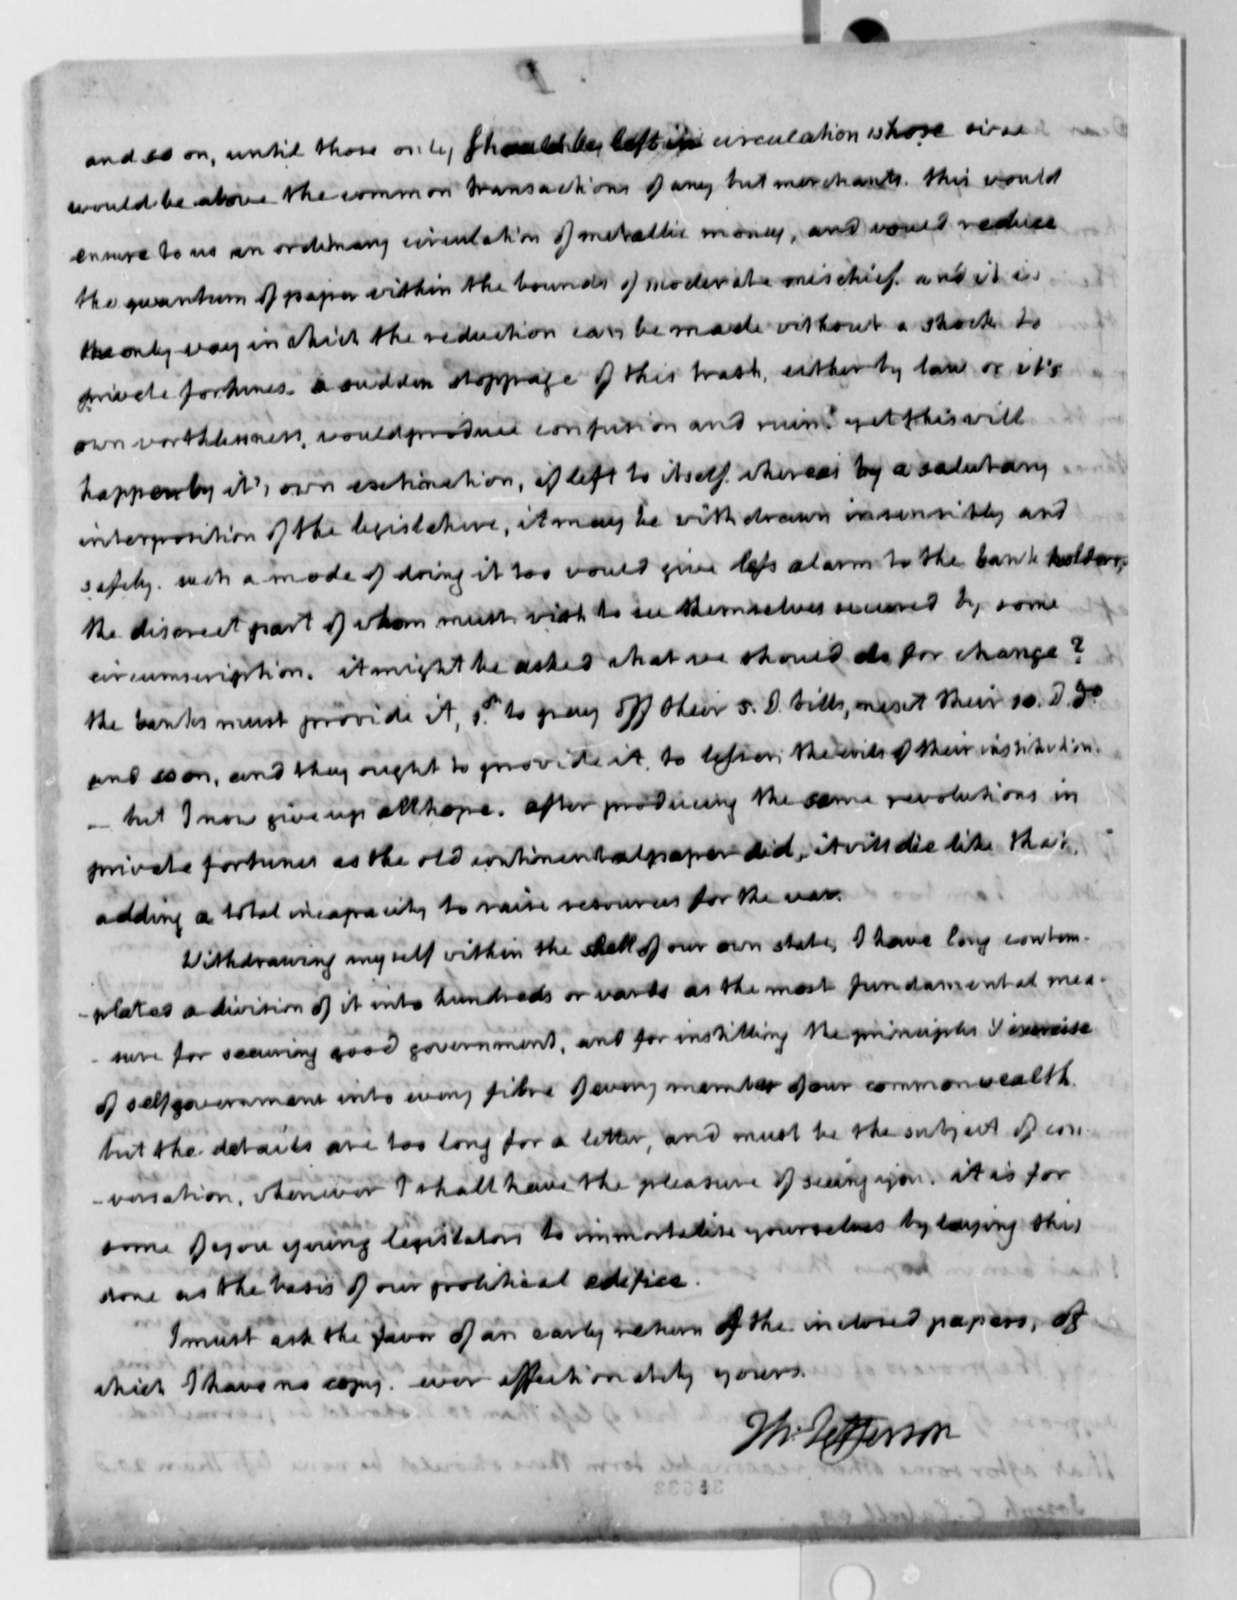 Thomas Jefferson to Joseph C. Cabell, January 17, 1814